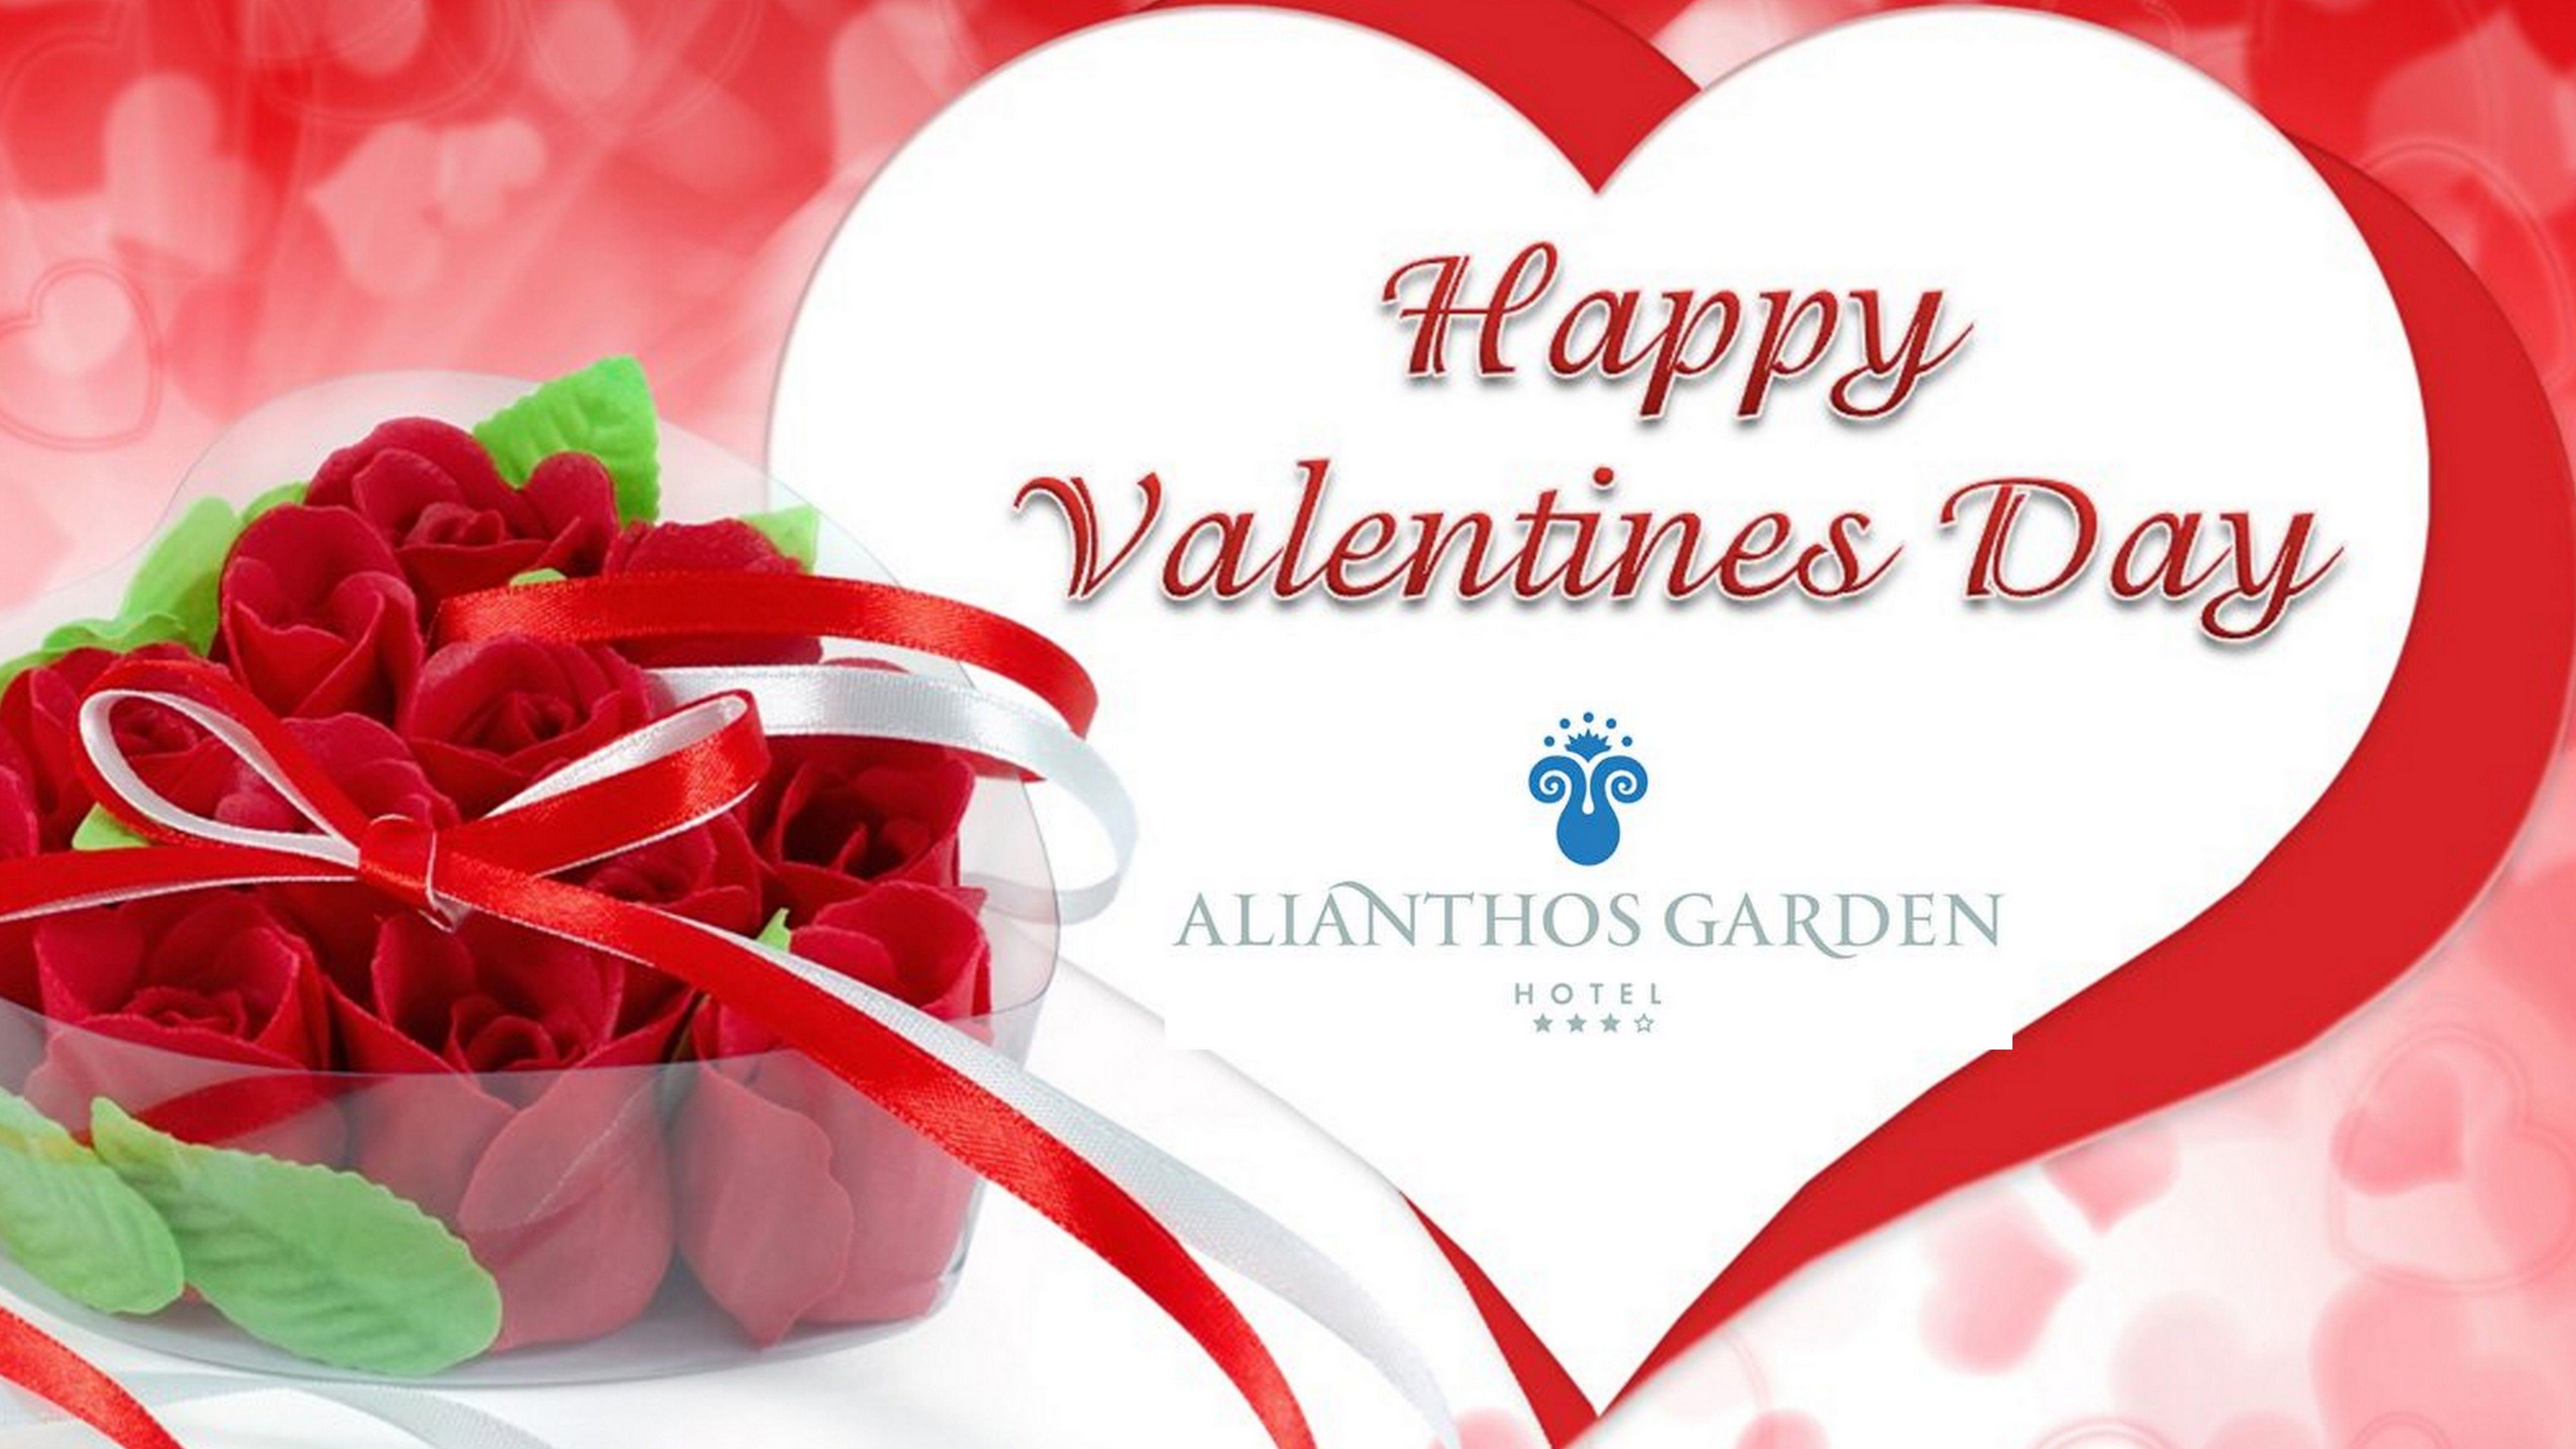 Alles Gute Zum Valentinstag! Χρόνια πολλά σε όλους τους ερωτευμένους!